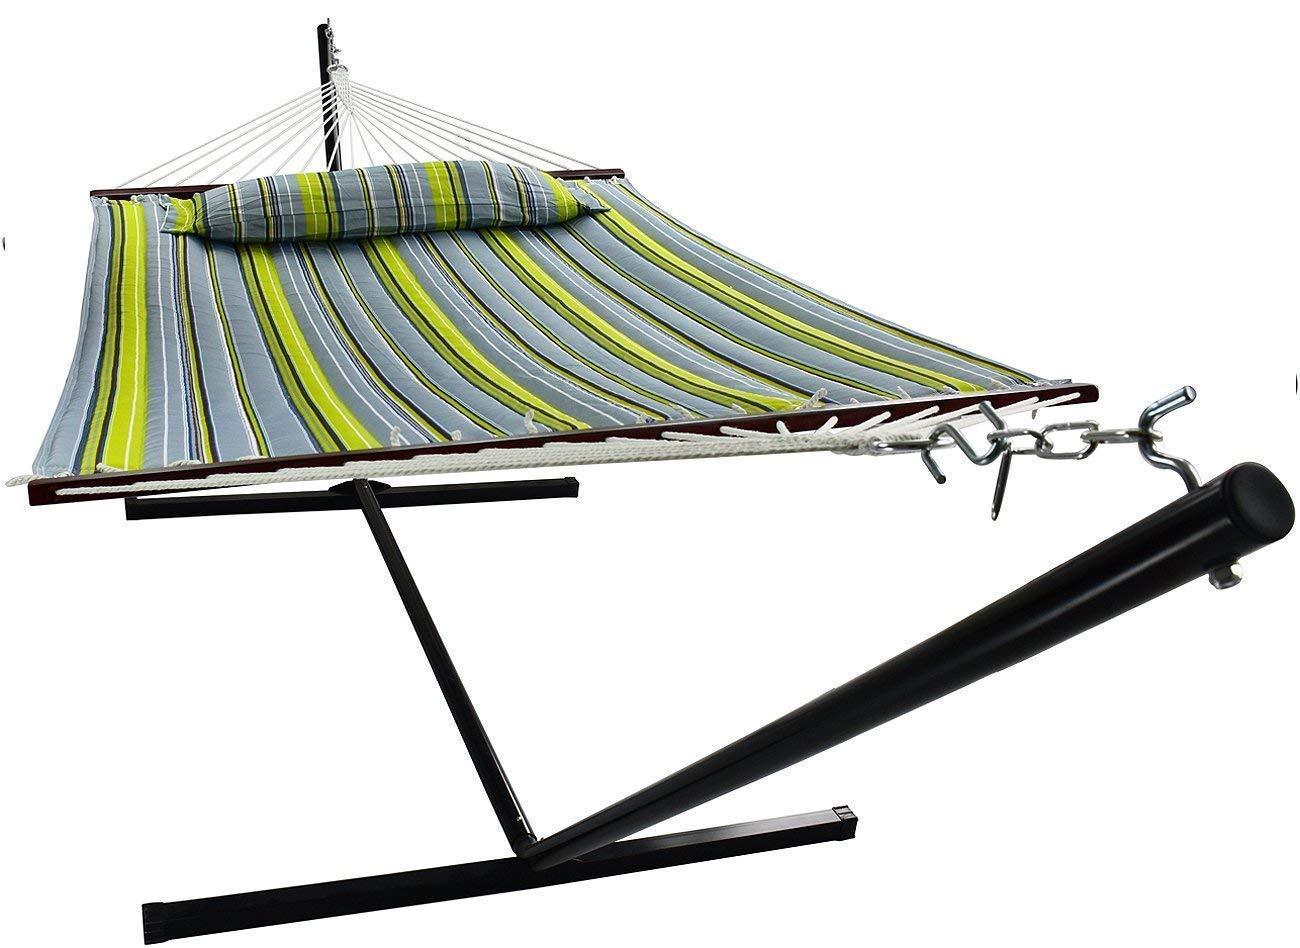 VITA5 Fino a 2 persone//200 kg Blu Scuro//Verde Scuro Cuscino Rimovibile 190x140 Amaca con Supporto Resistente ad Agenti atmosferici e Raggi UV